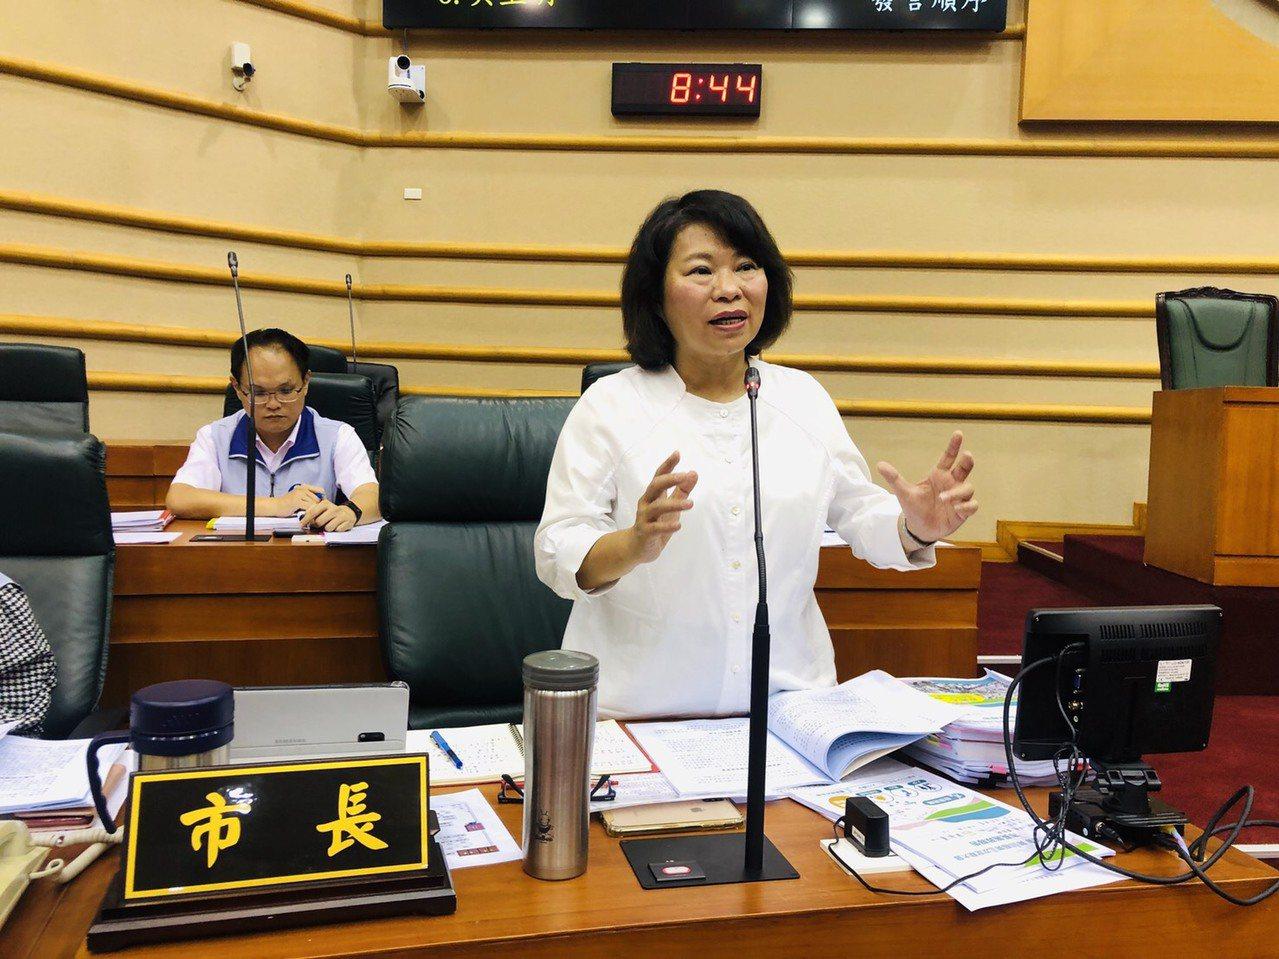 嘉義市長黃敏惠希望議會通過1999專線預算。記者李承穎/攝影